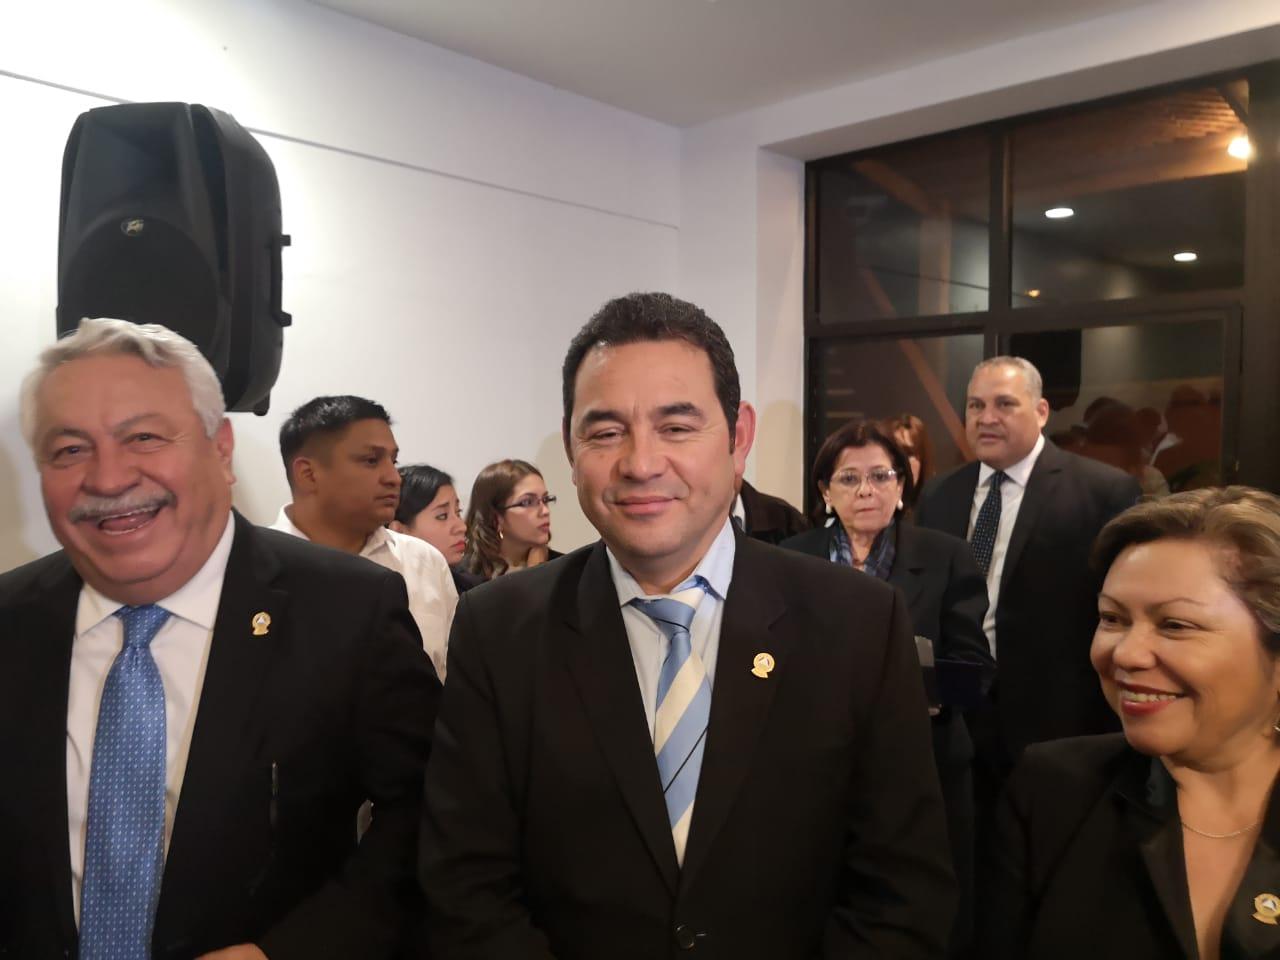 Reves a acuerdo firmado por Jimmy Morales sobre creación de política de protección al migrante